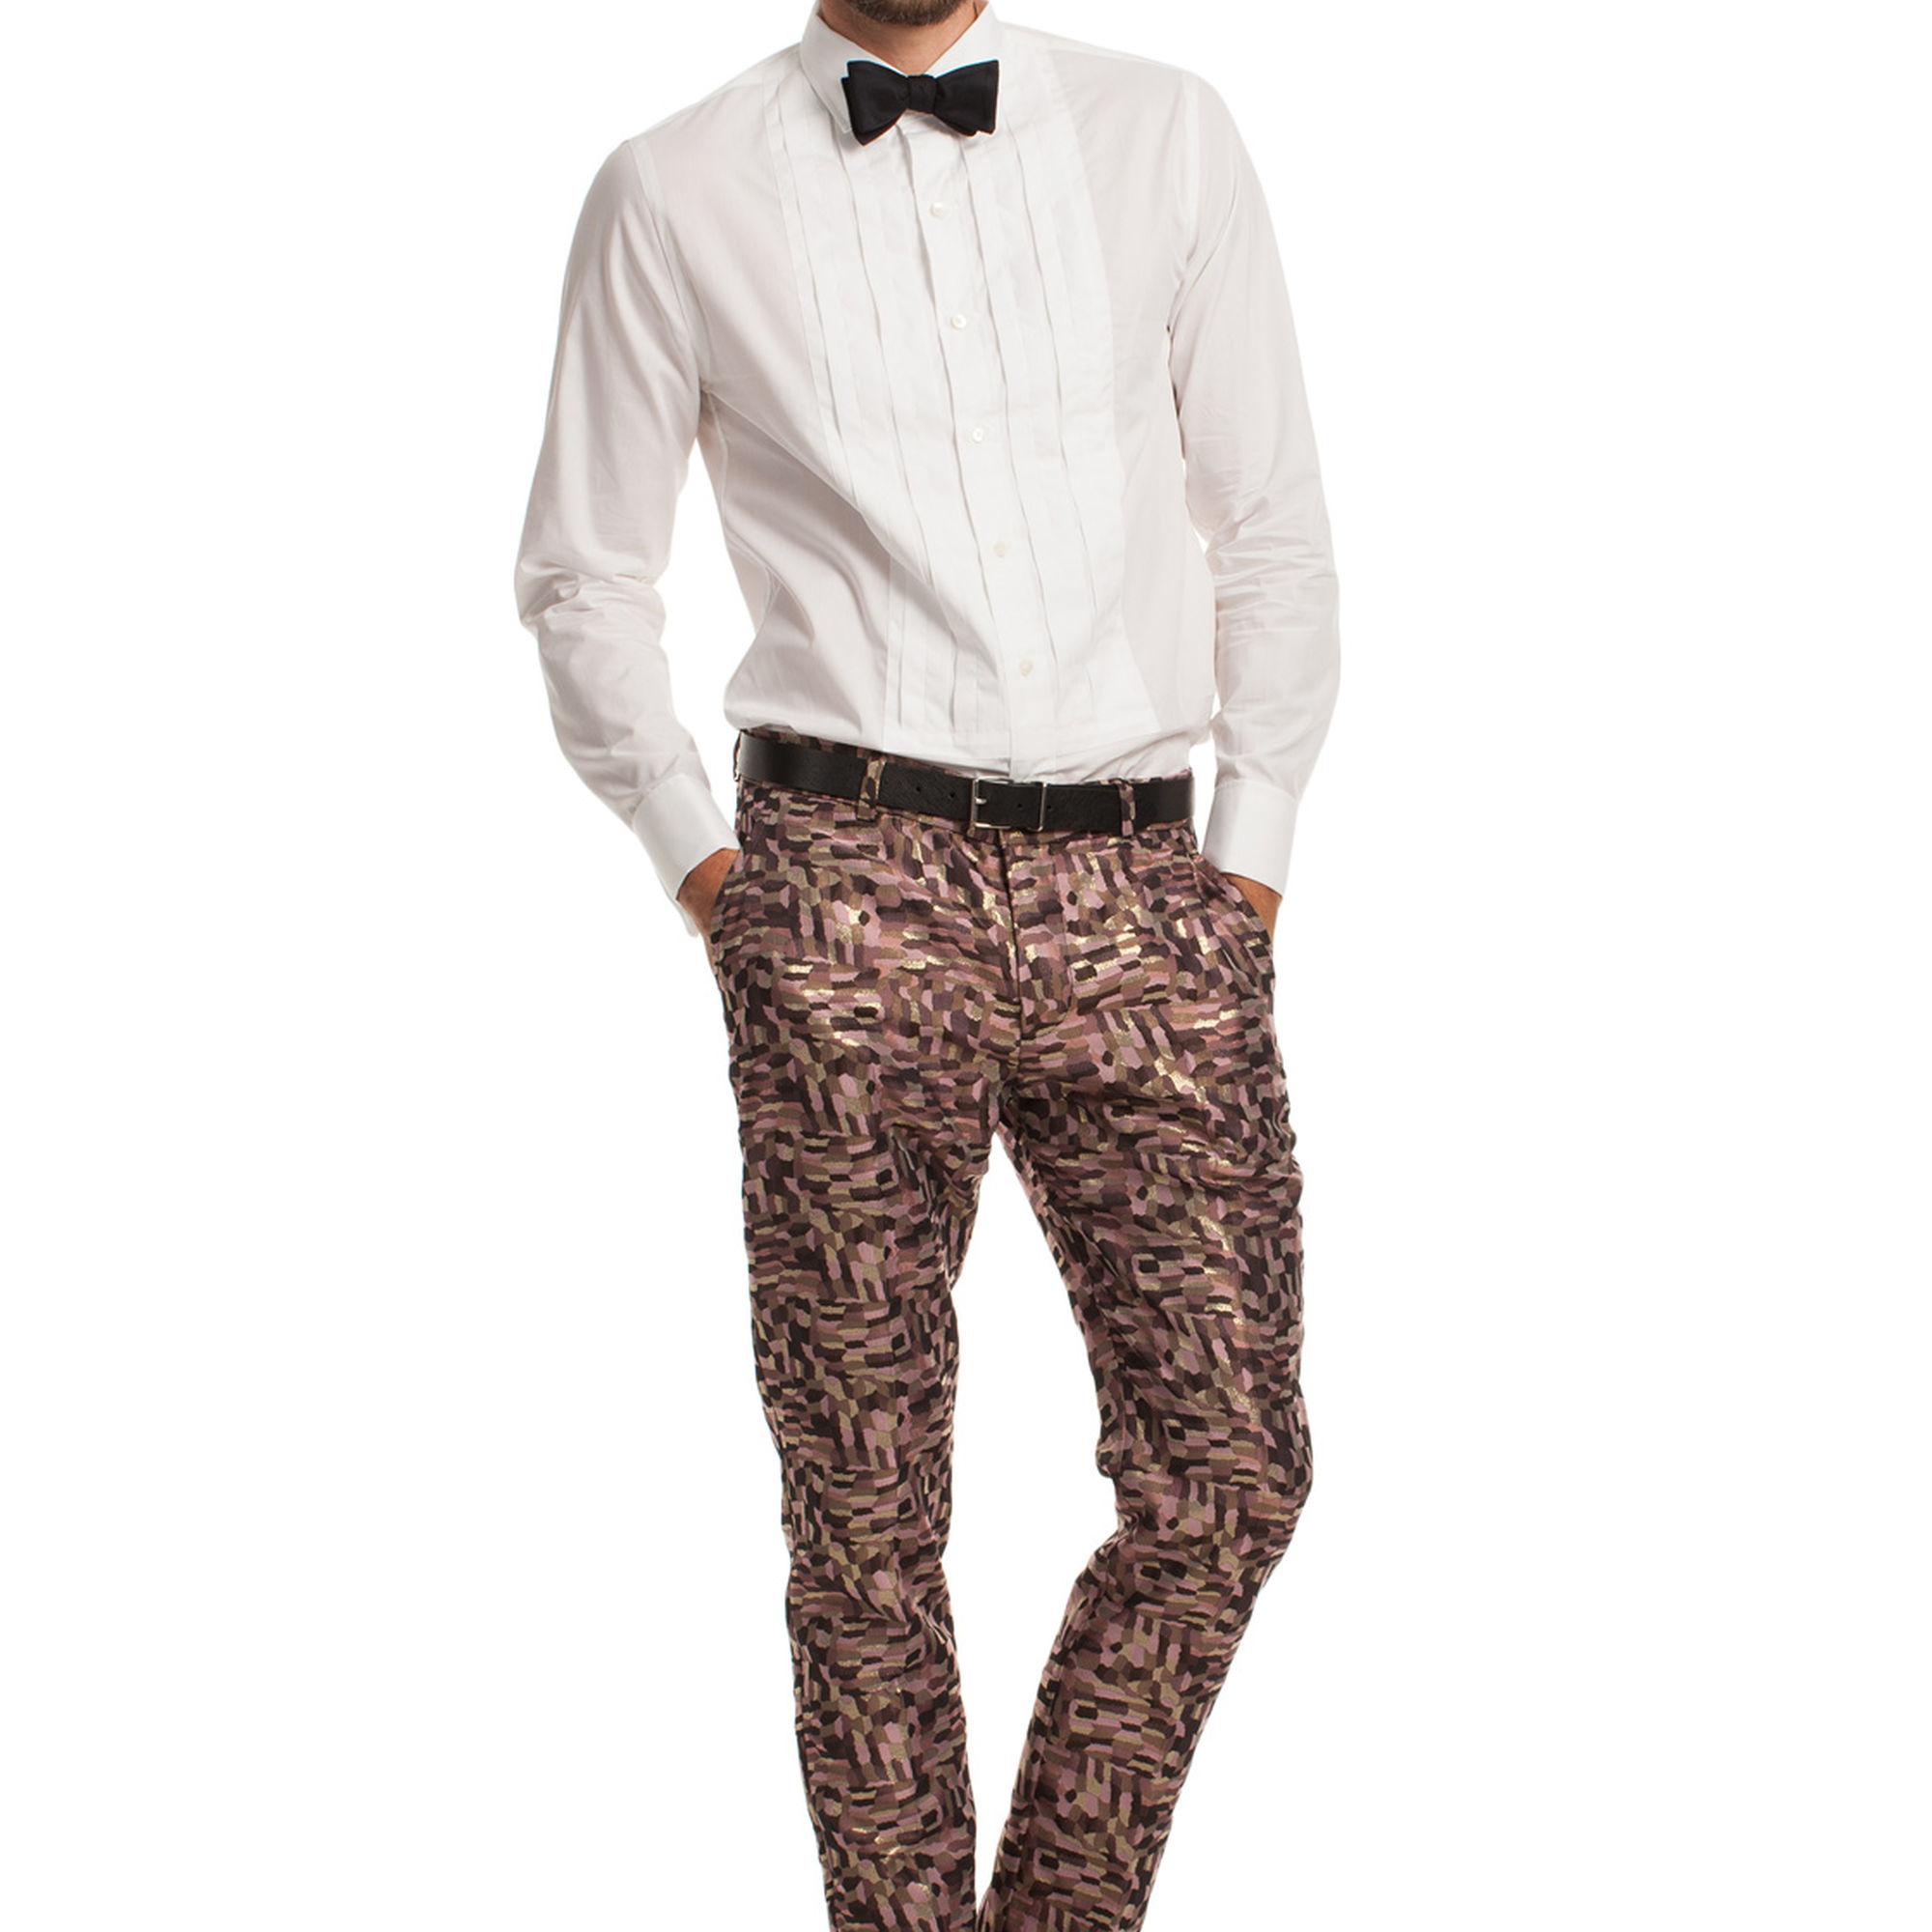 Mr Turk Mens Cuffed Cropped Trouser